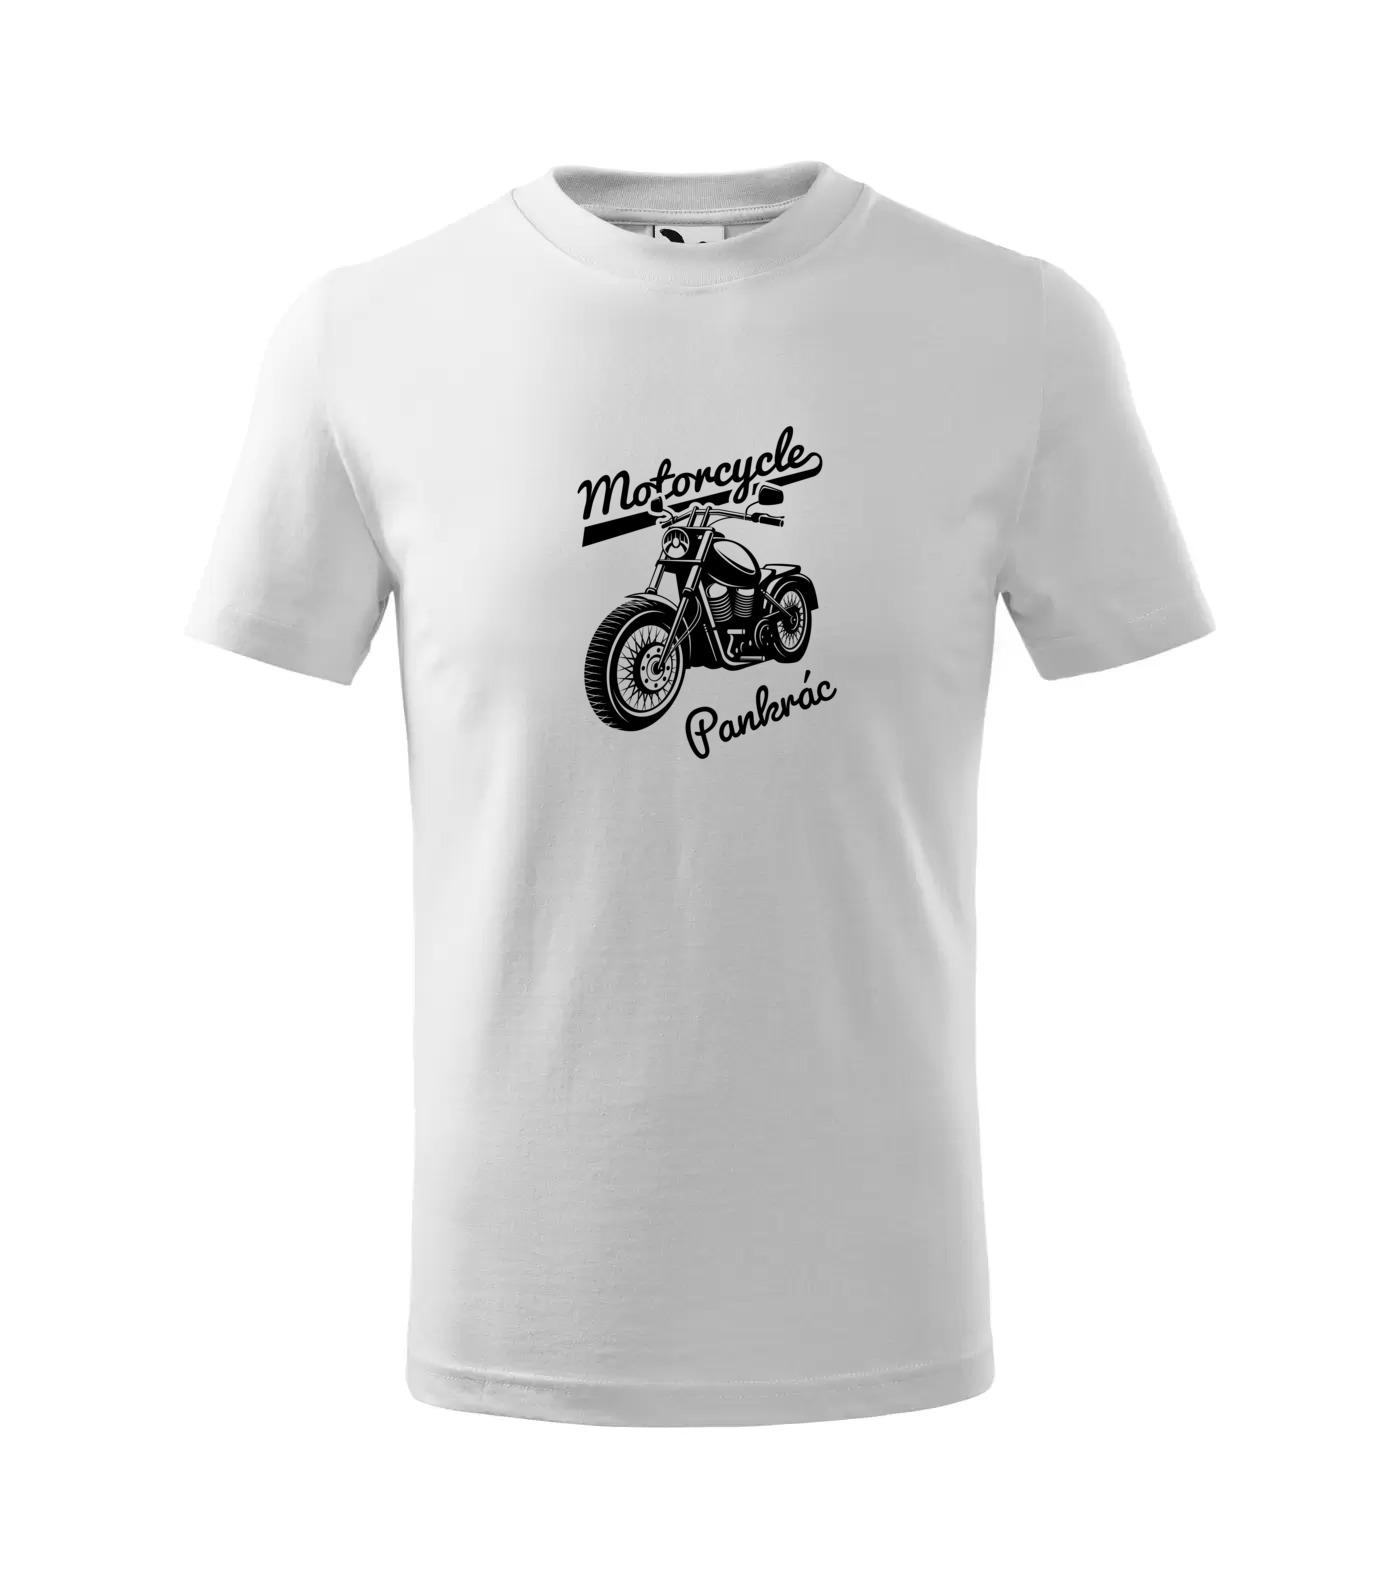 Tričko Motorkář Inverse Pankrác